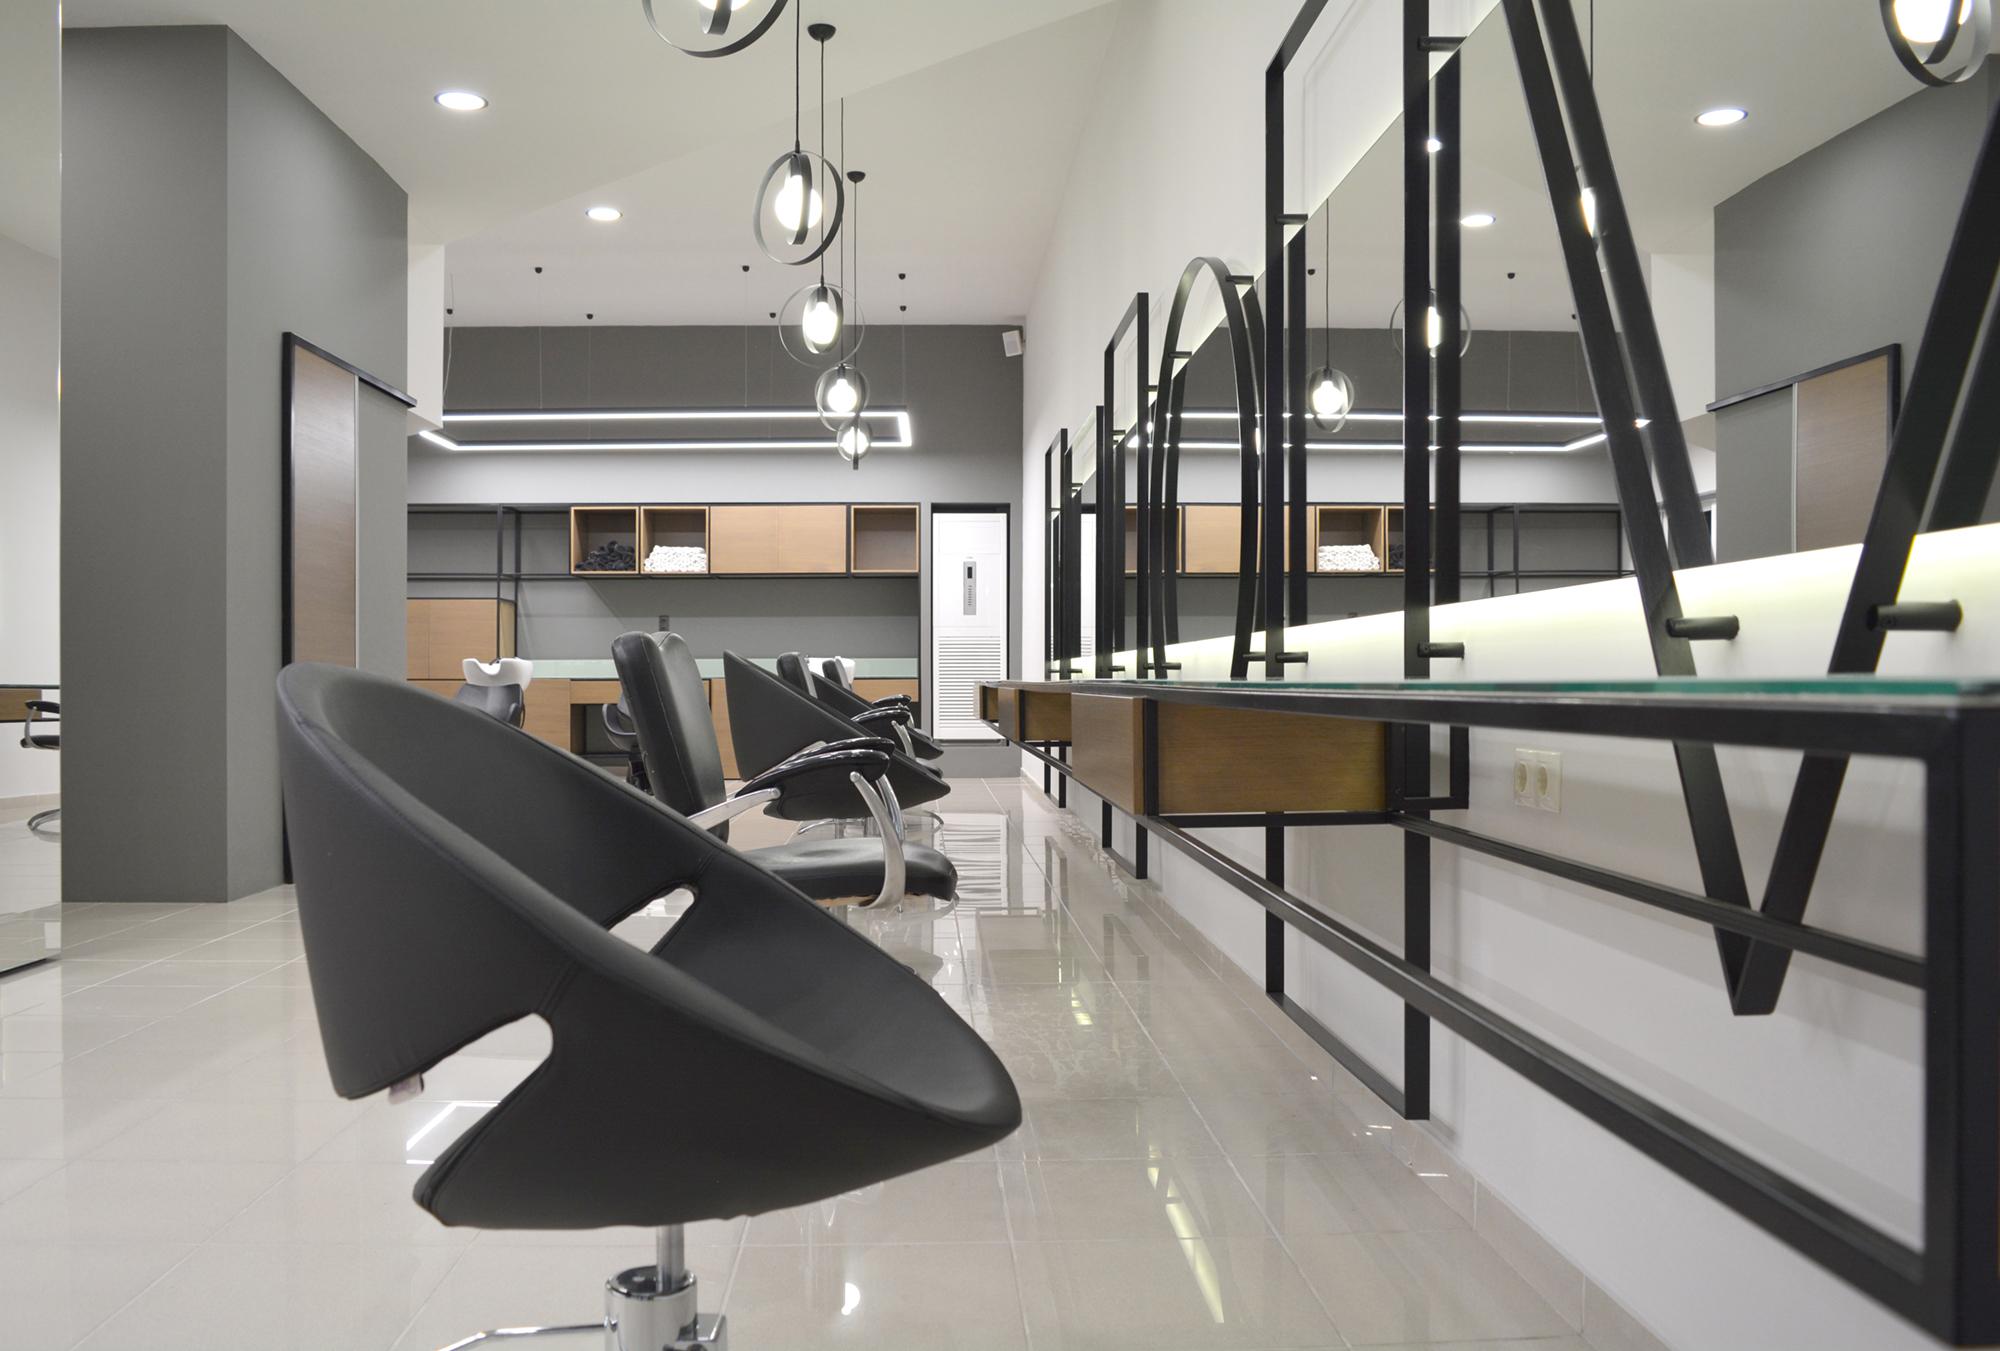 HAIR TRENDS interior design